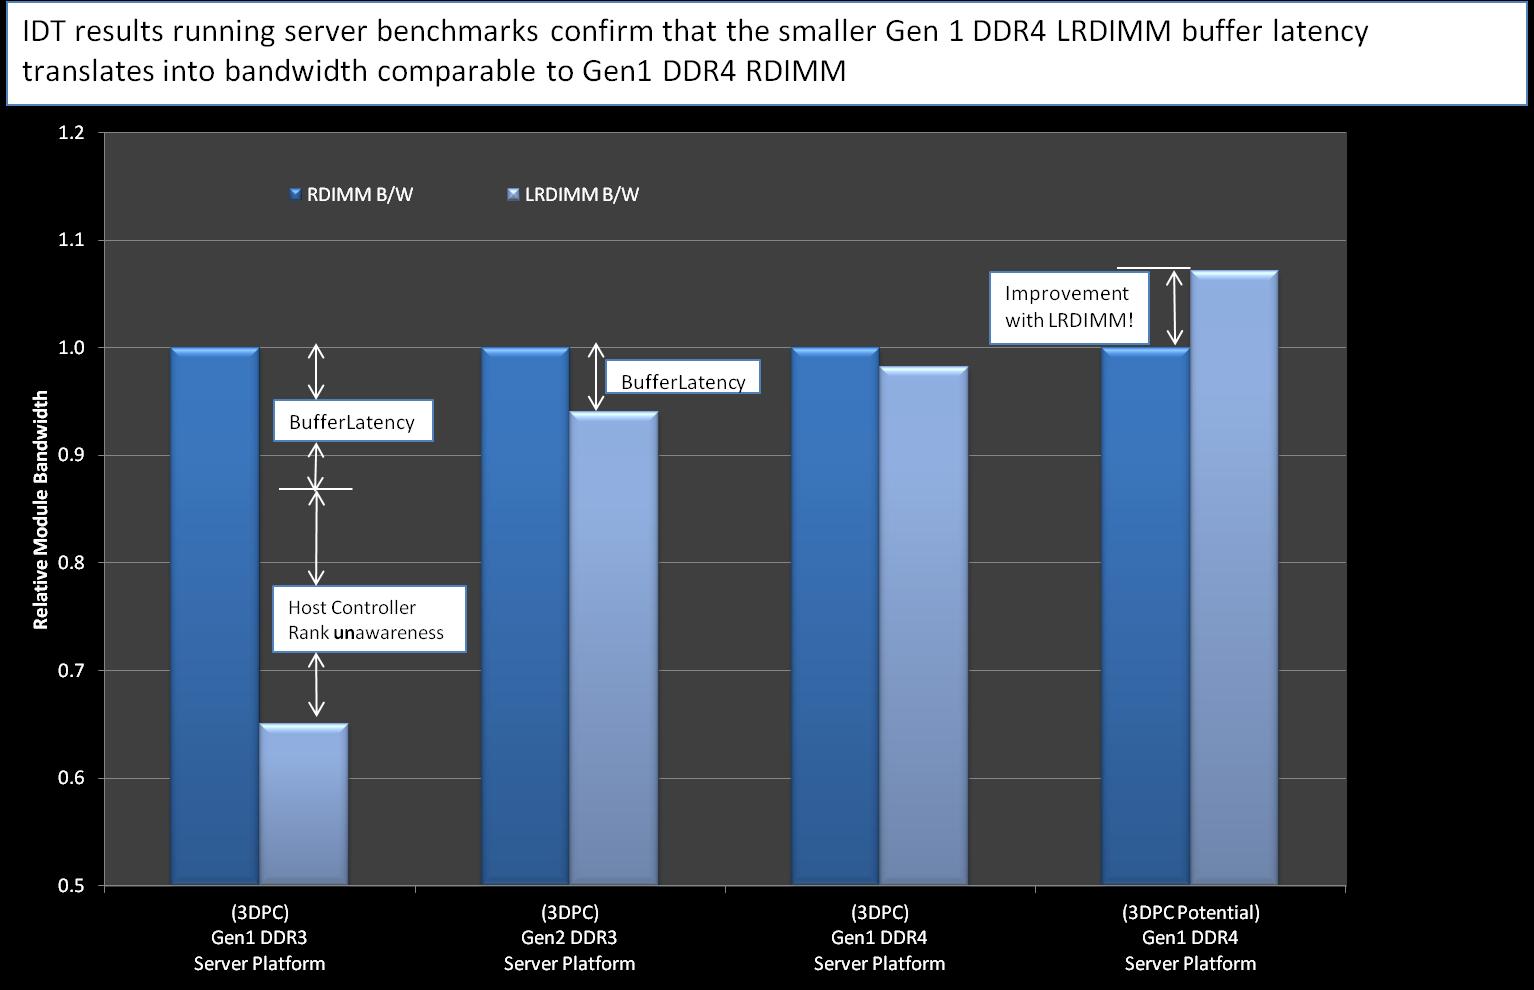 Figura 8: Miglioramento normalizzato della larghezza di banda con RDIMM alla stessa velocità con le generazioni LRDIMM